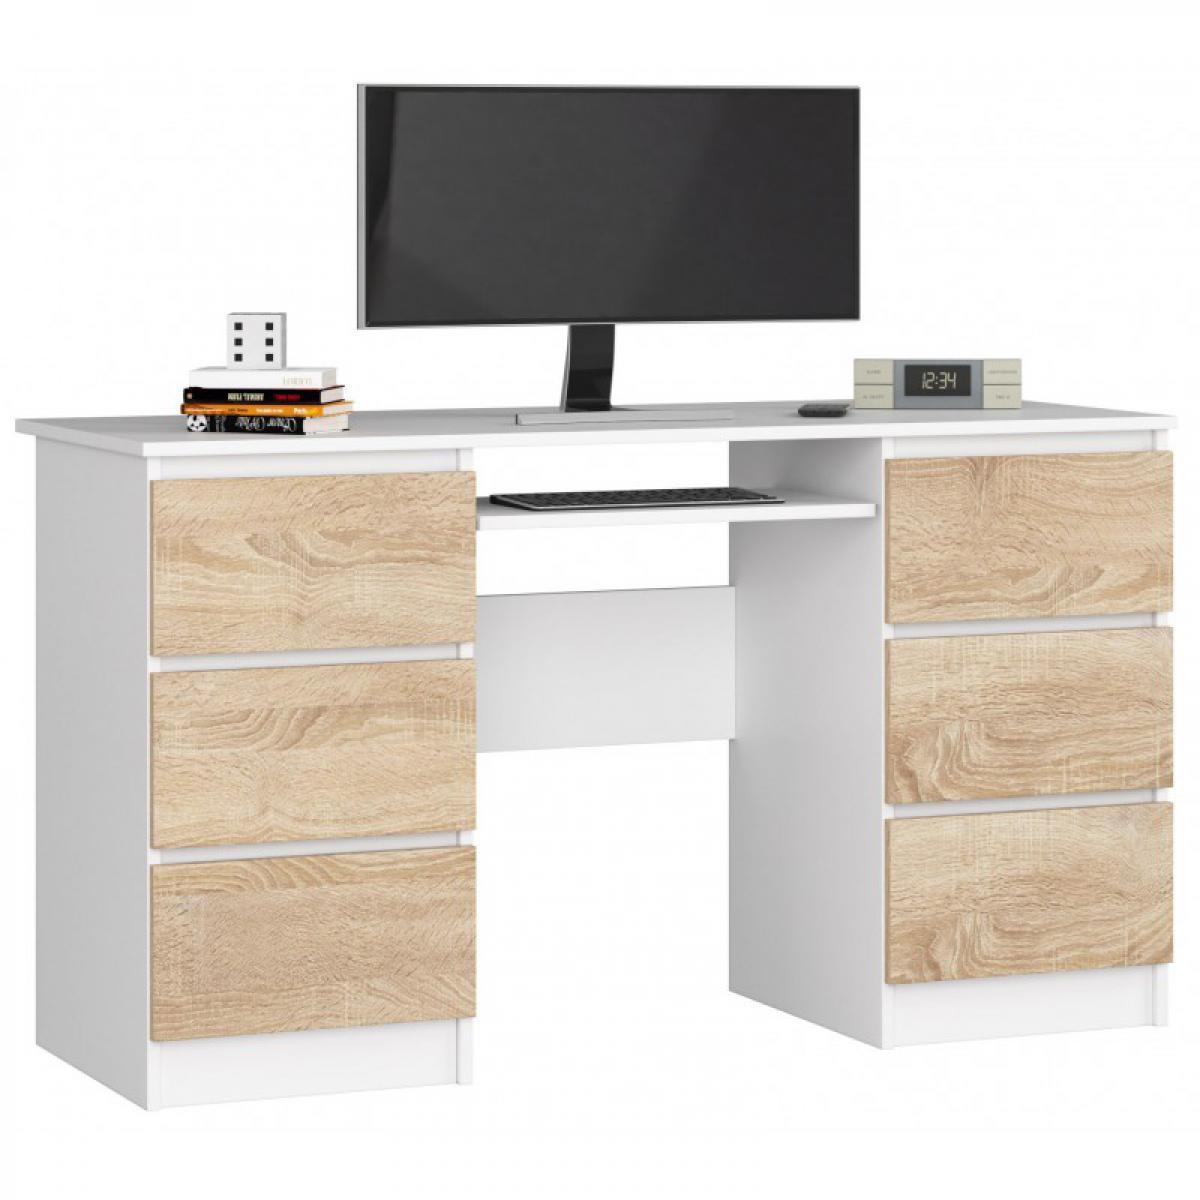 Hucoco GOYA | Bureau informatique moderne 135x77x50 cm | 6 tiroirs support clavier | Table ordinateur multi-rangements - Blanc/